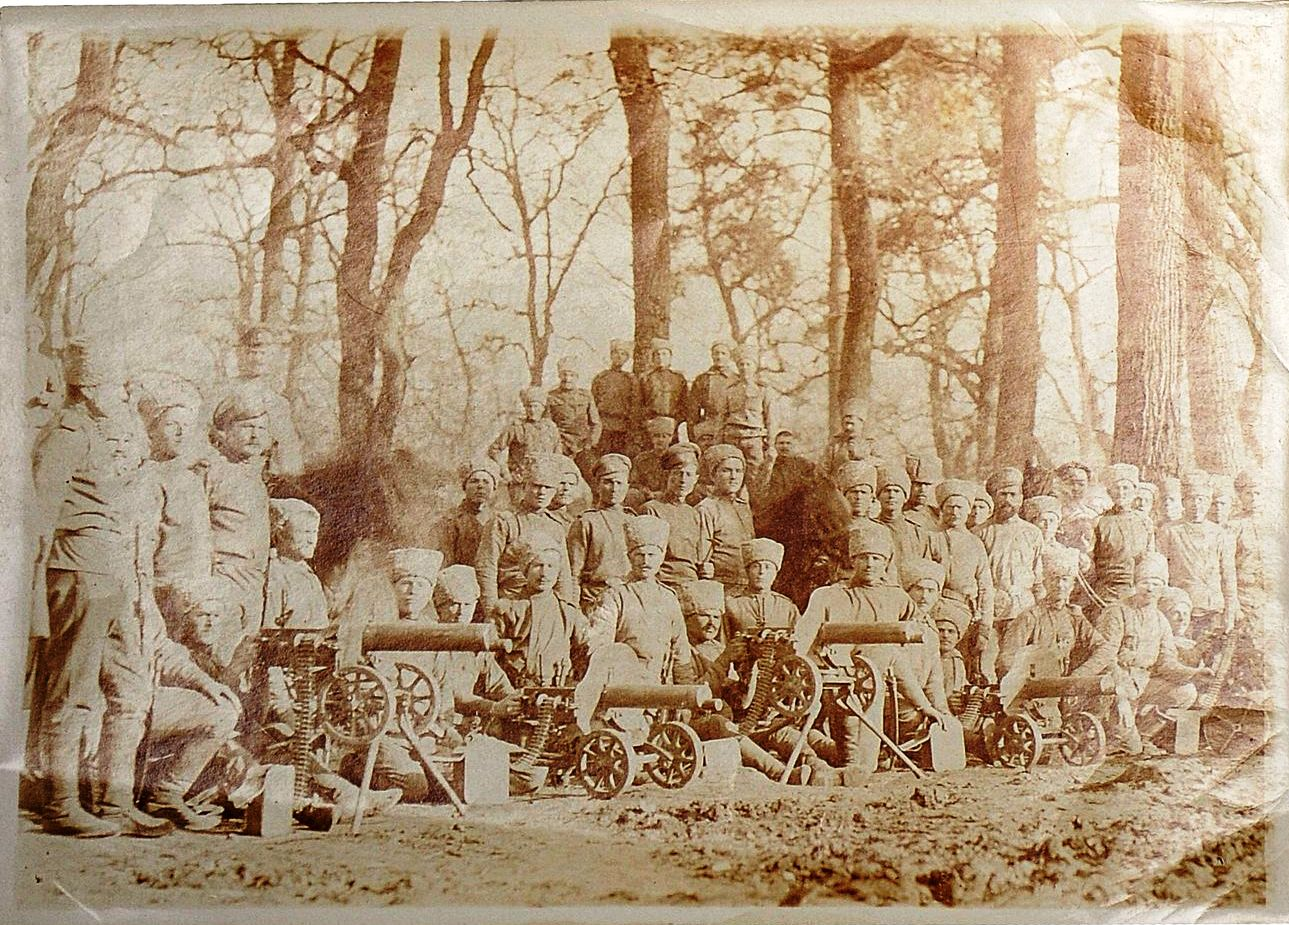 Фото военнослужащих 78-го пехотного Навагинского генерала Котляревского полка и пулеметной команды полка